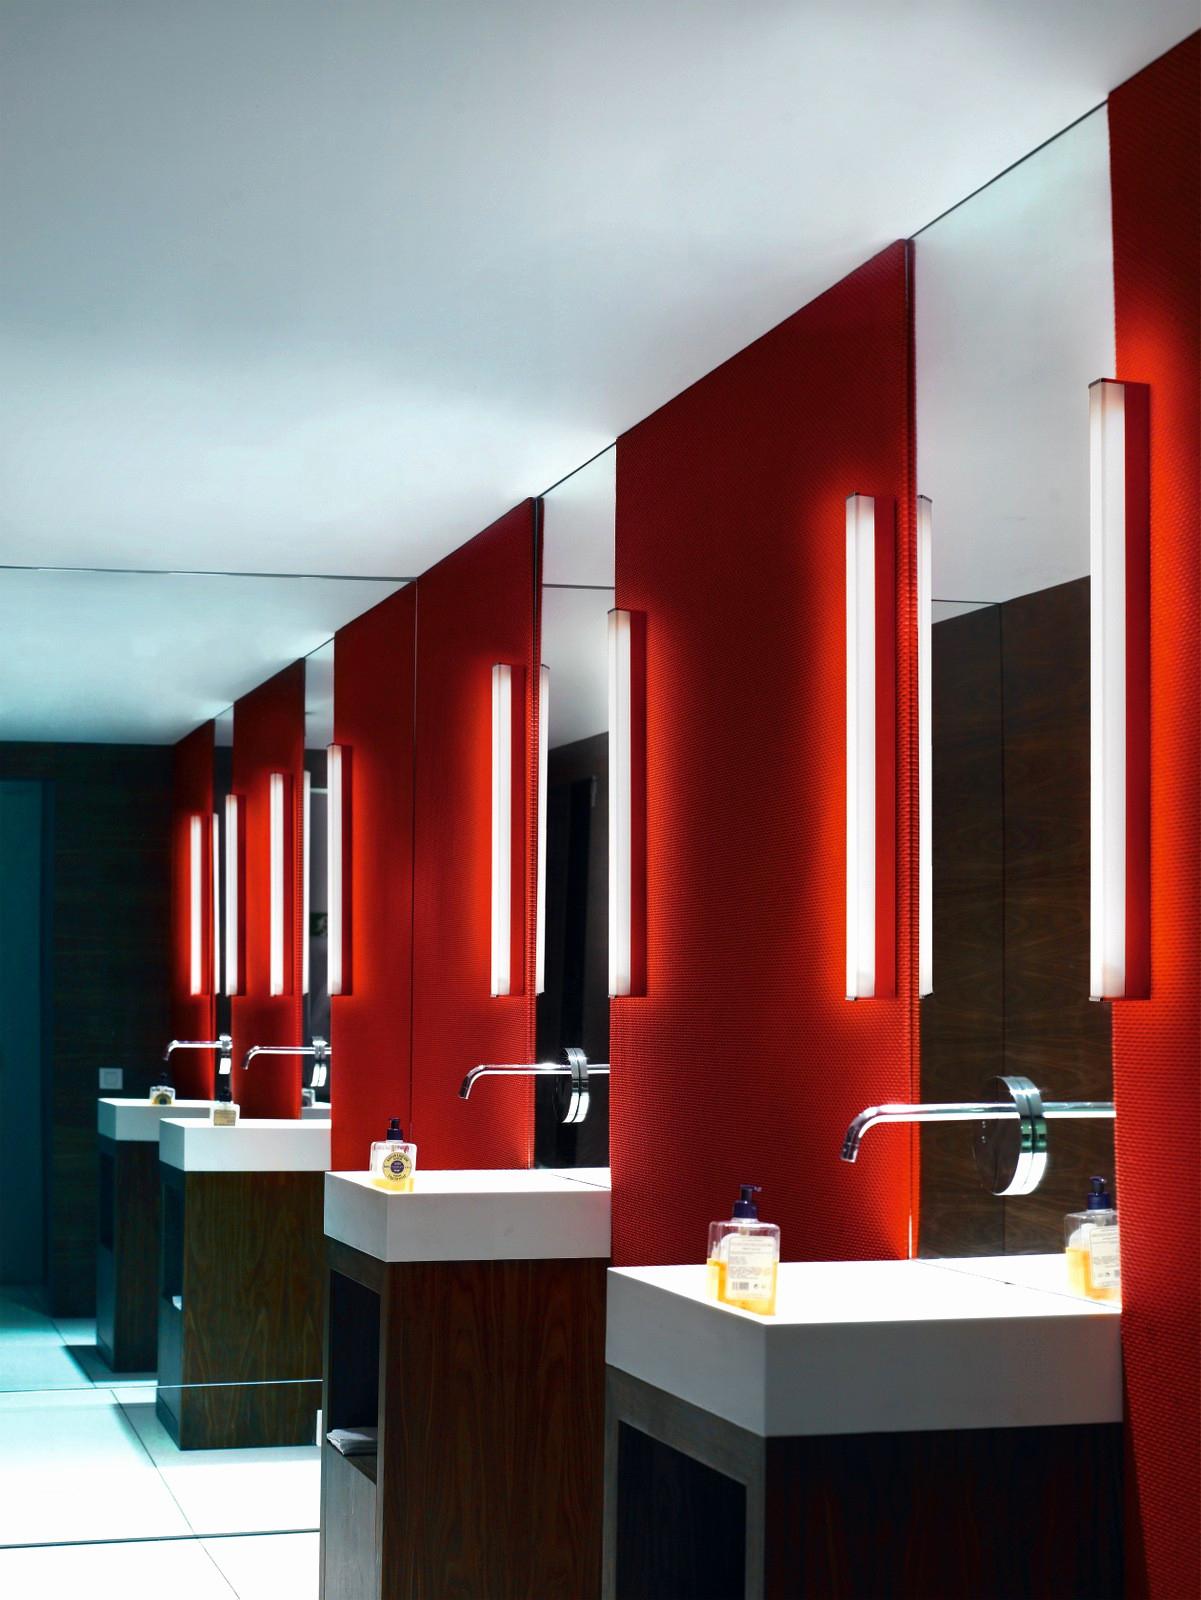 Lampe Salle De Bain Castorama Élégant Photos Applique Salle De Bain Castorama Fra Che Appliques Murales Castorama